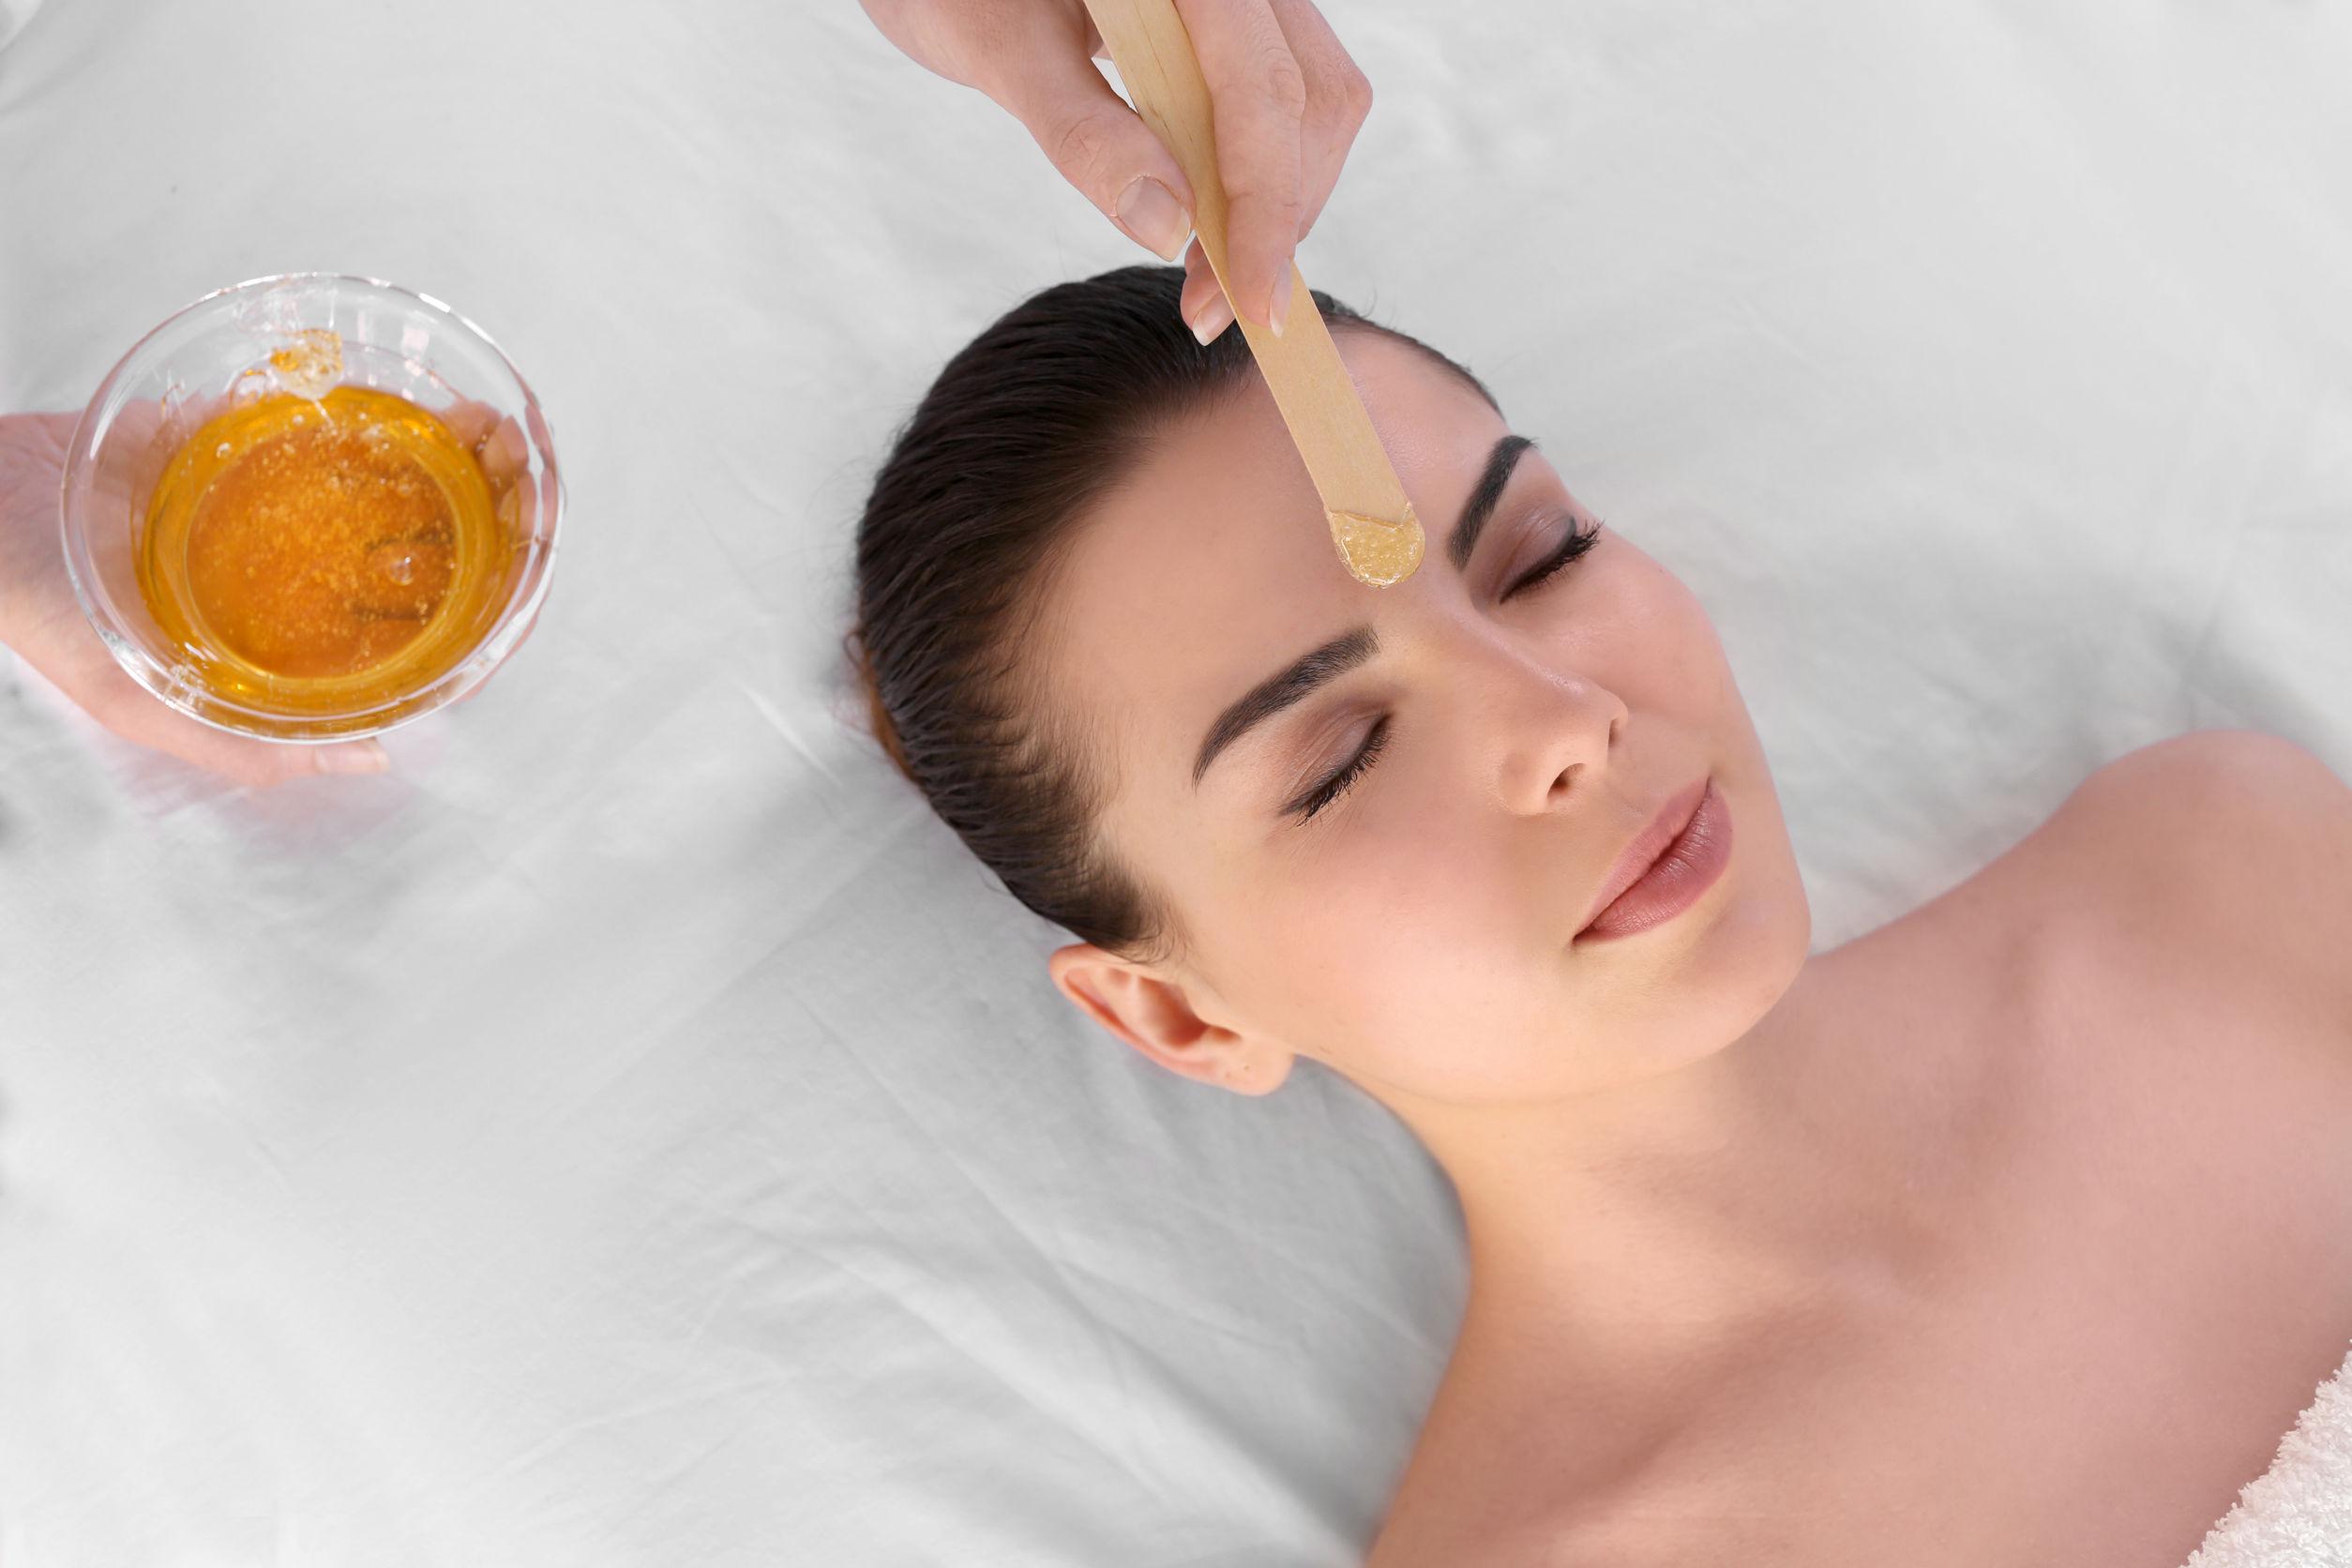 Facial Waxing/Tint/Henna